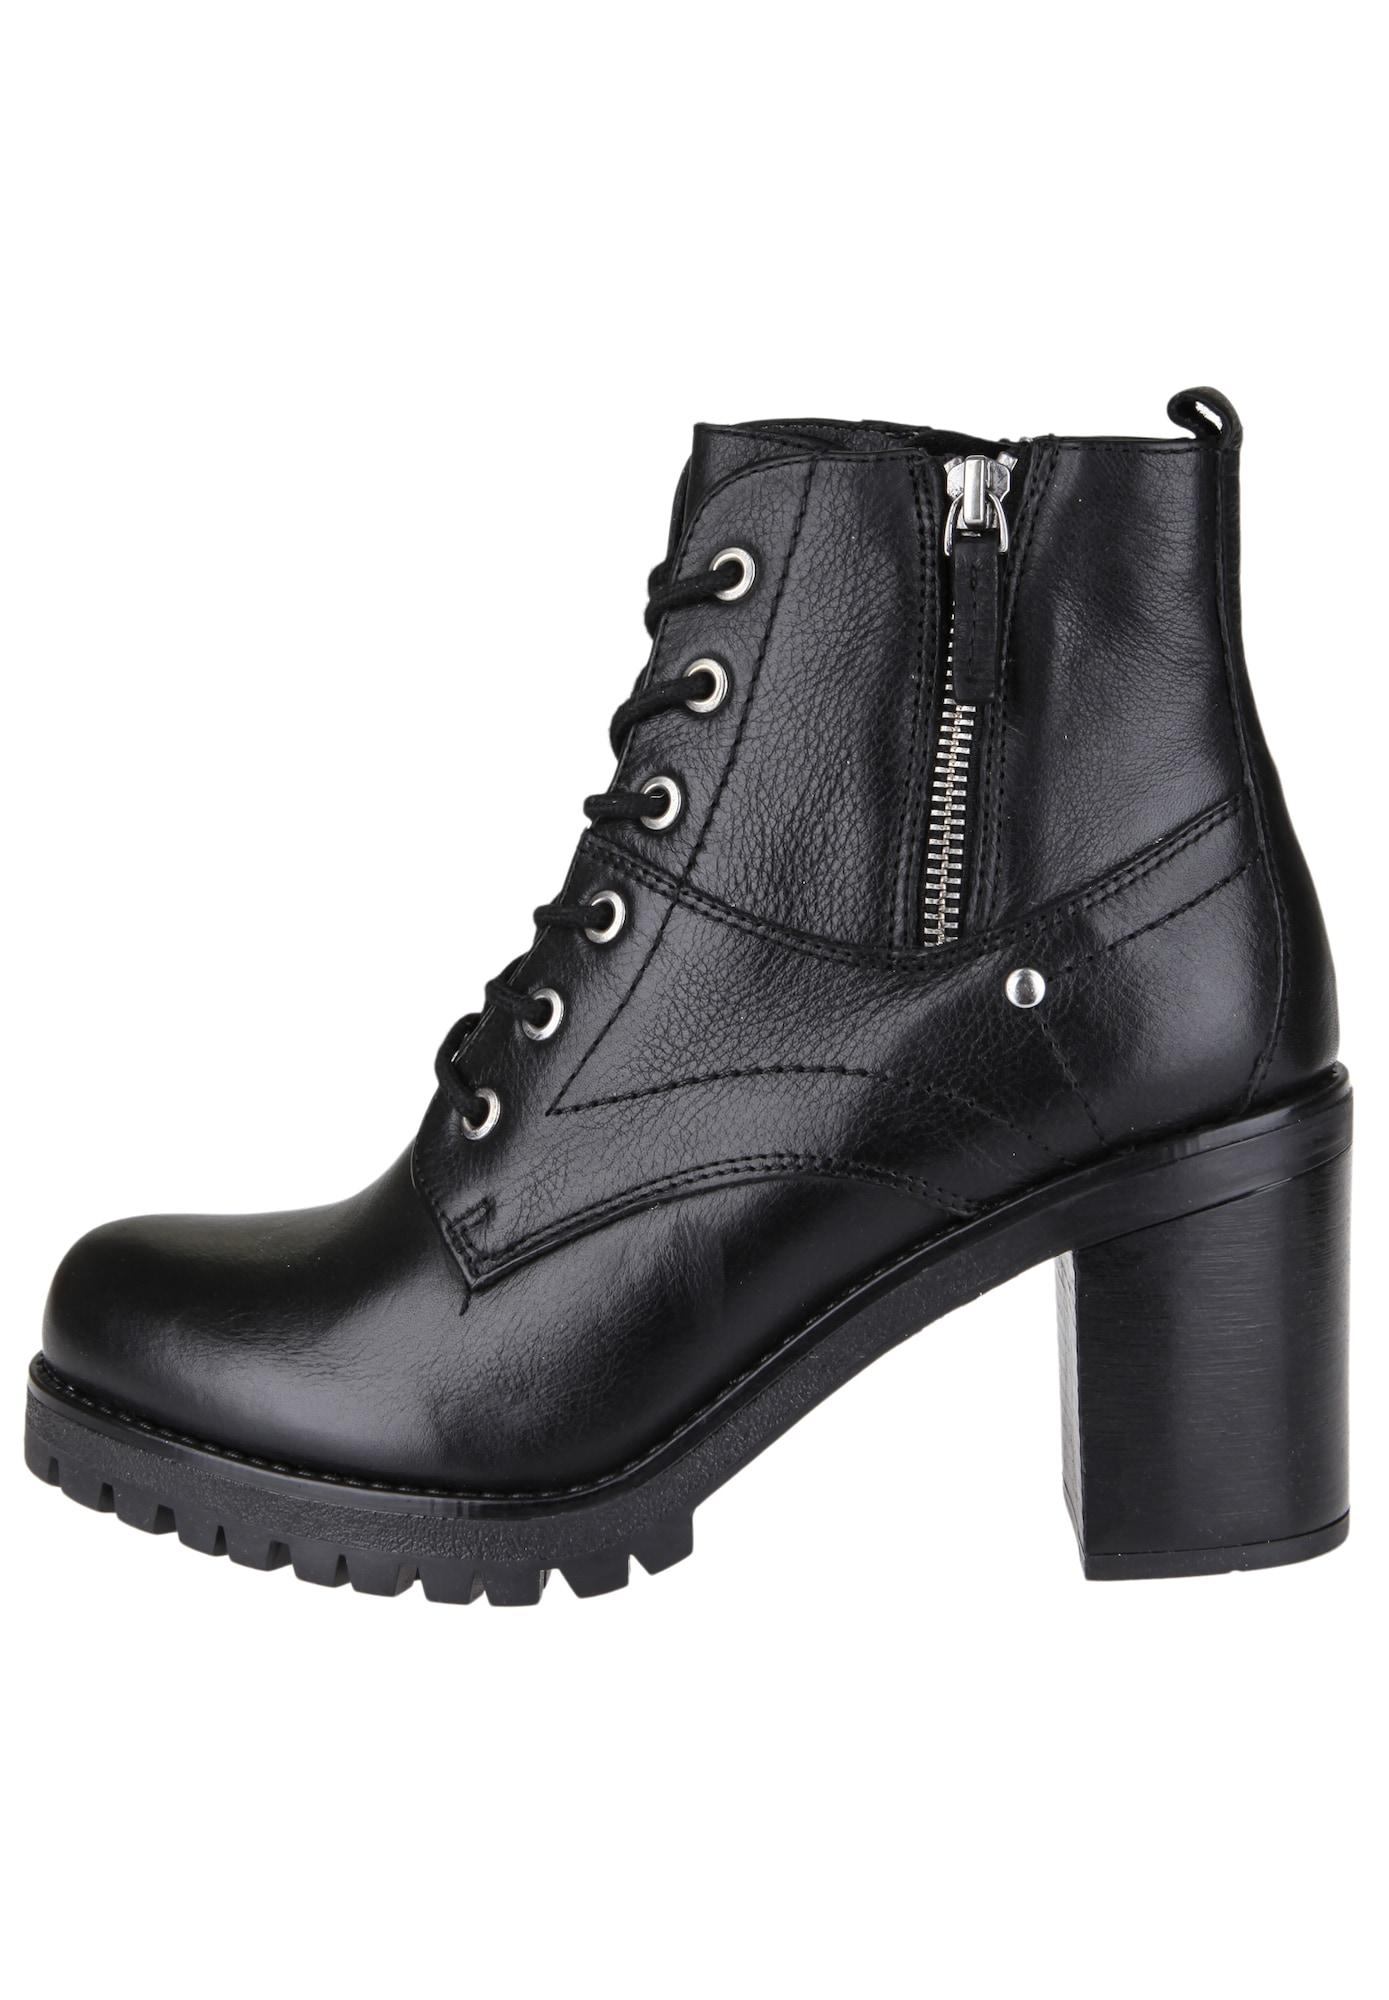 Plateau-Stiefelette zum Schnüren | Schuhe > Stiefeletten > Plateaustiefeletten | COX